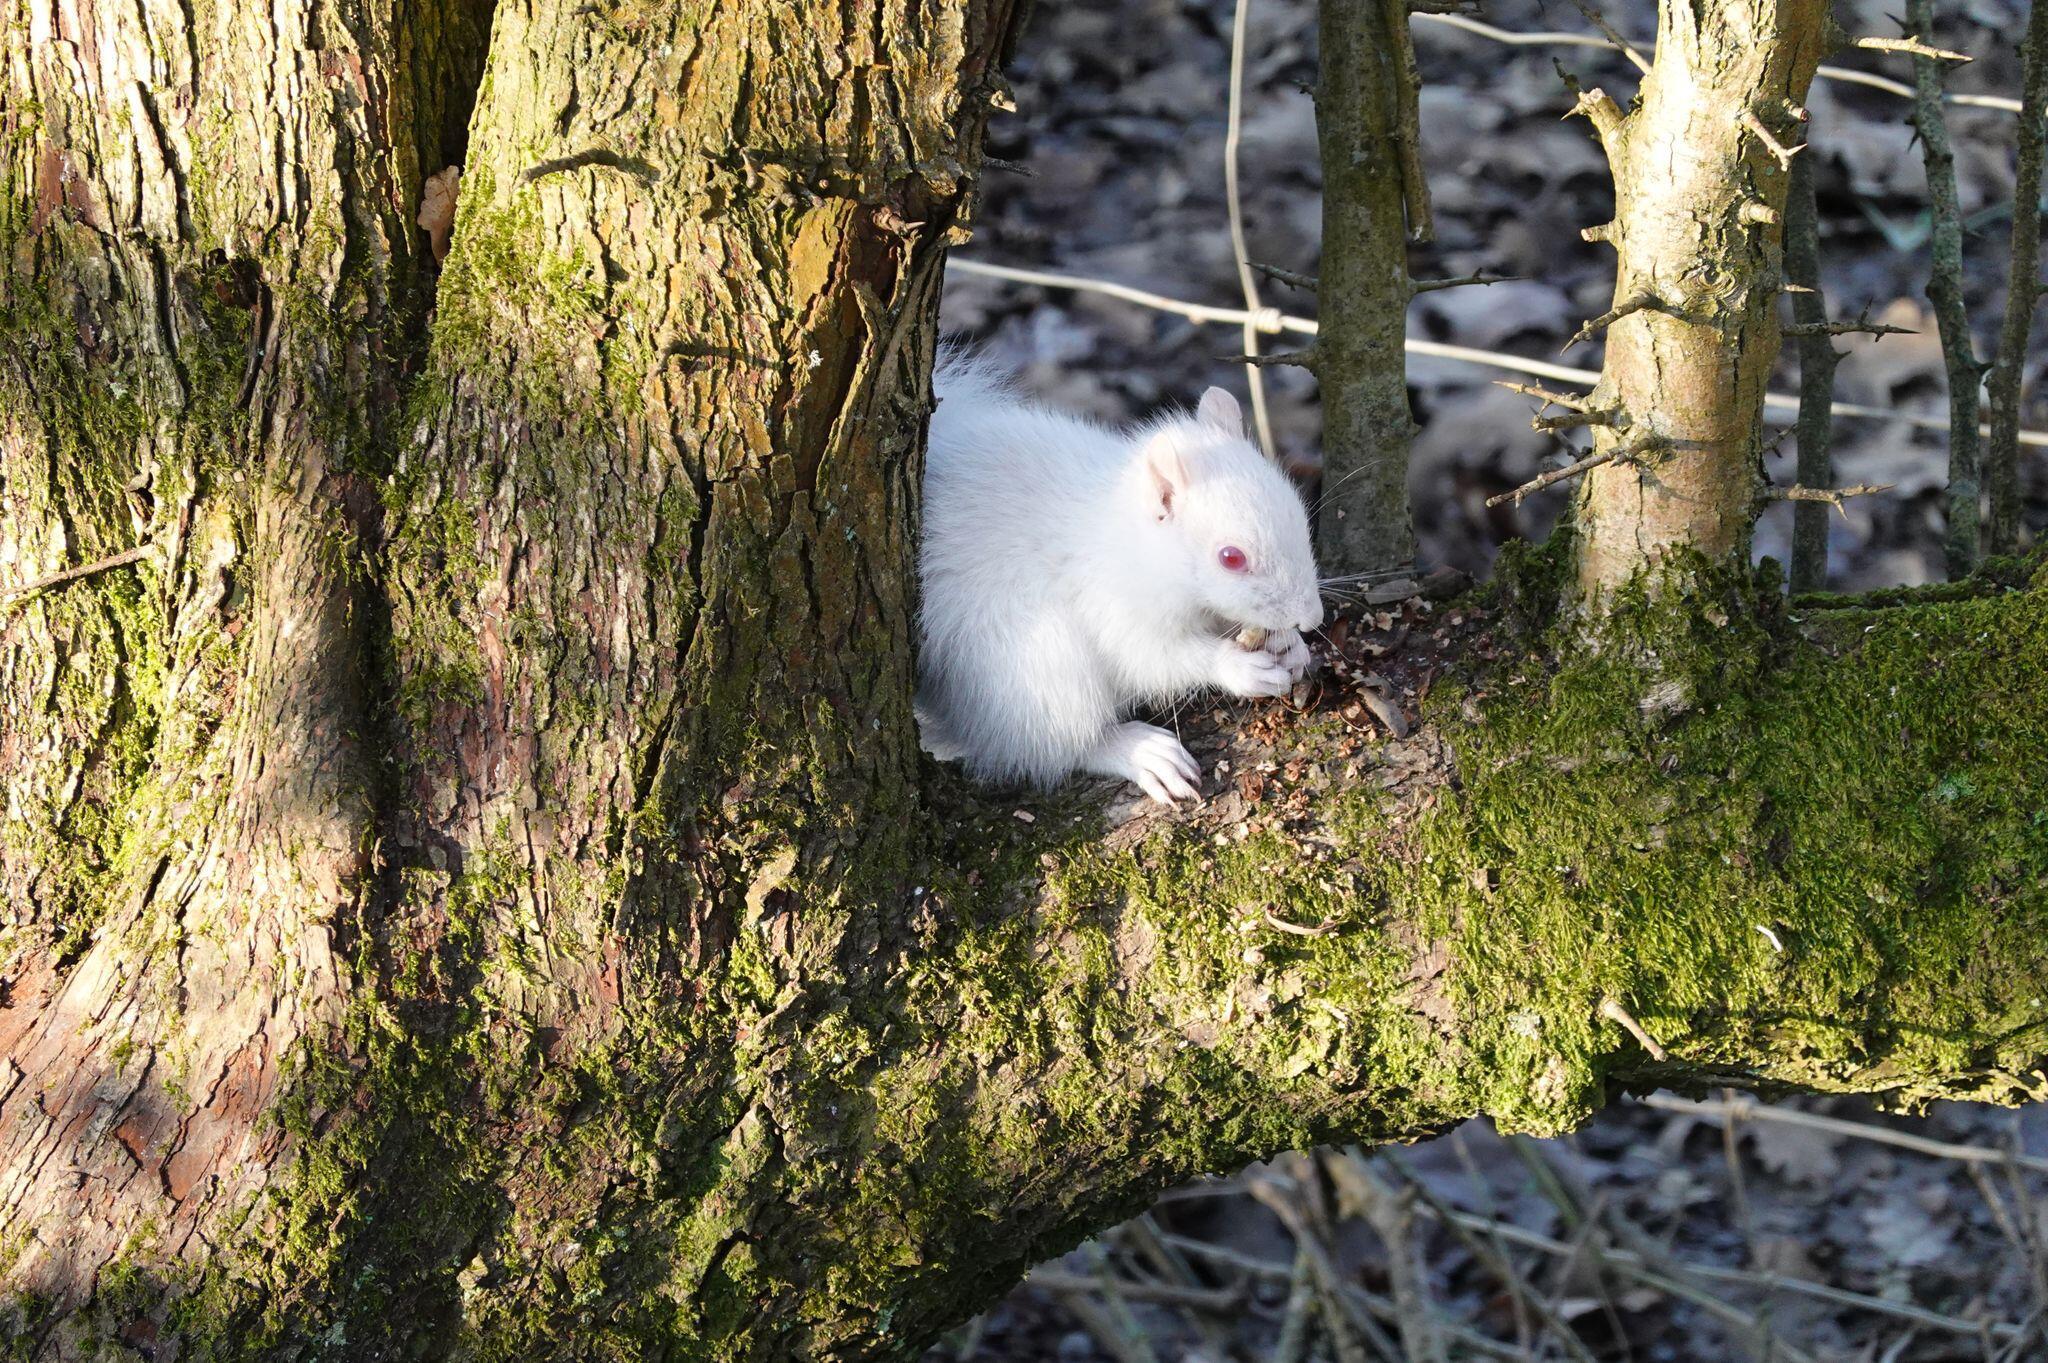 Bild zu Seltenes Albino-Eichhörnchen in englischem Park gesichtet